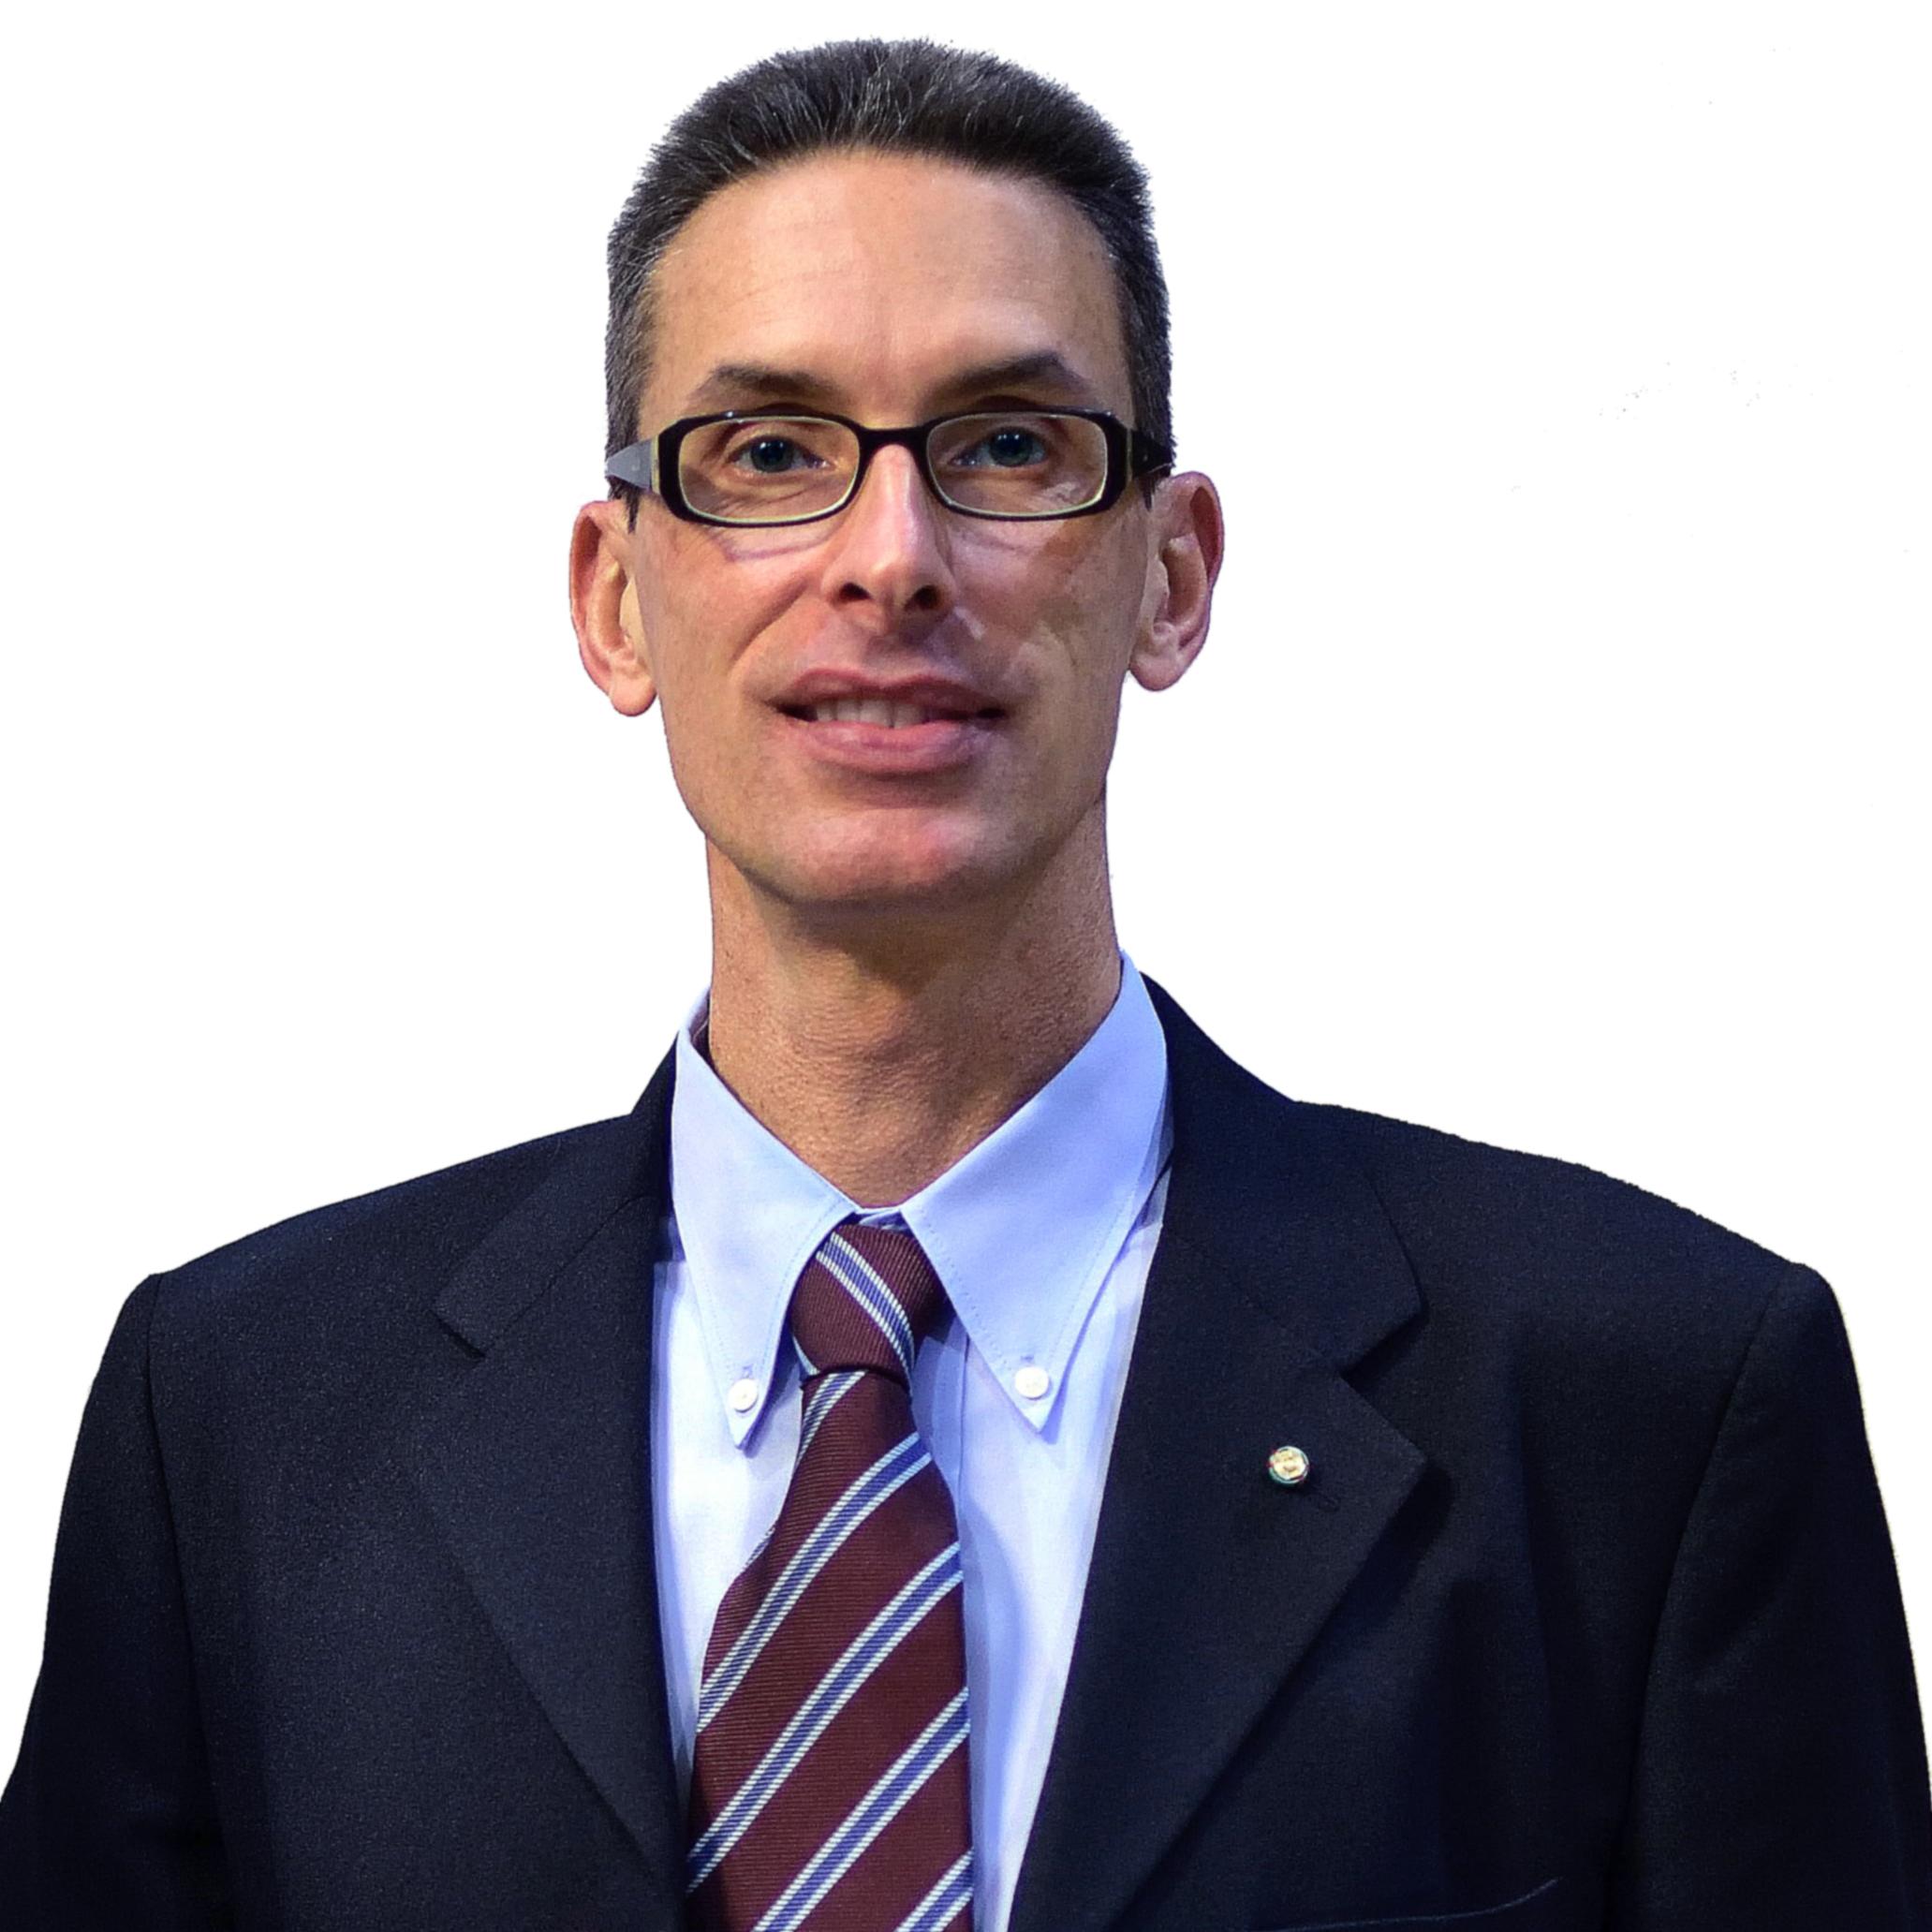 Roberto Caccialanza